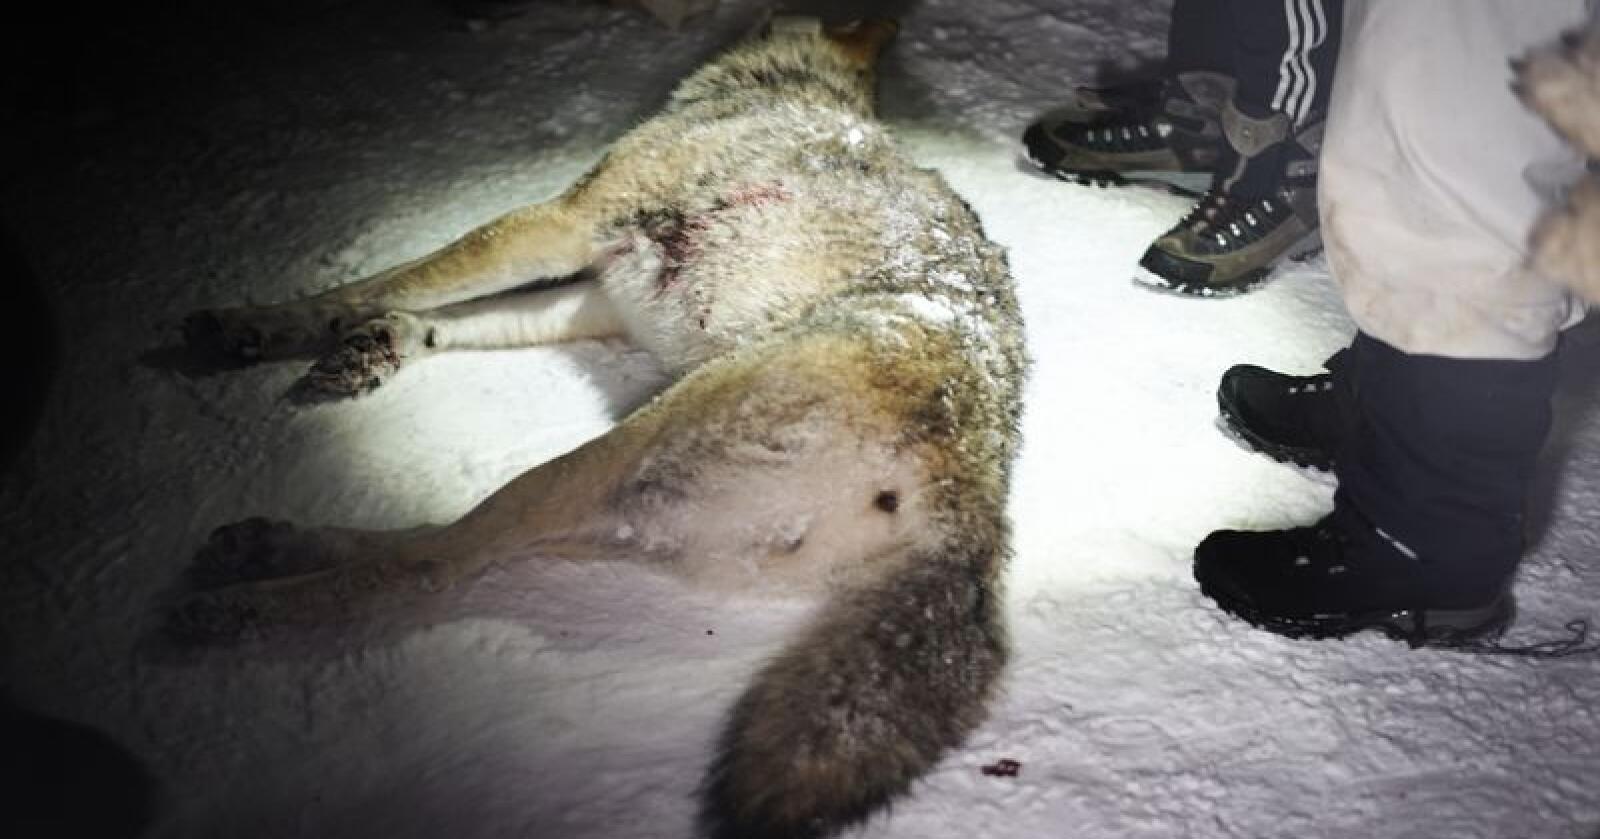 Lisensjakta på ulv tillates både i Sverige, Finland og Norge. Her en ulv som ble felt i Rendalen i Hedmark i fjor vinter. Foto: Benjamin Hernes Vogl